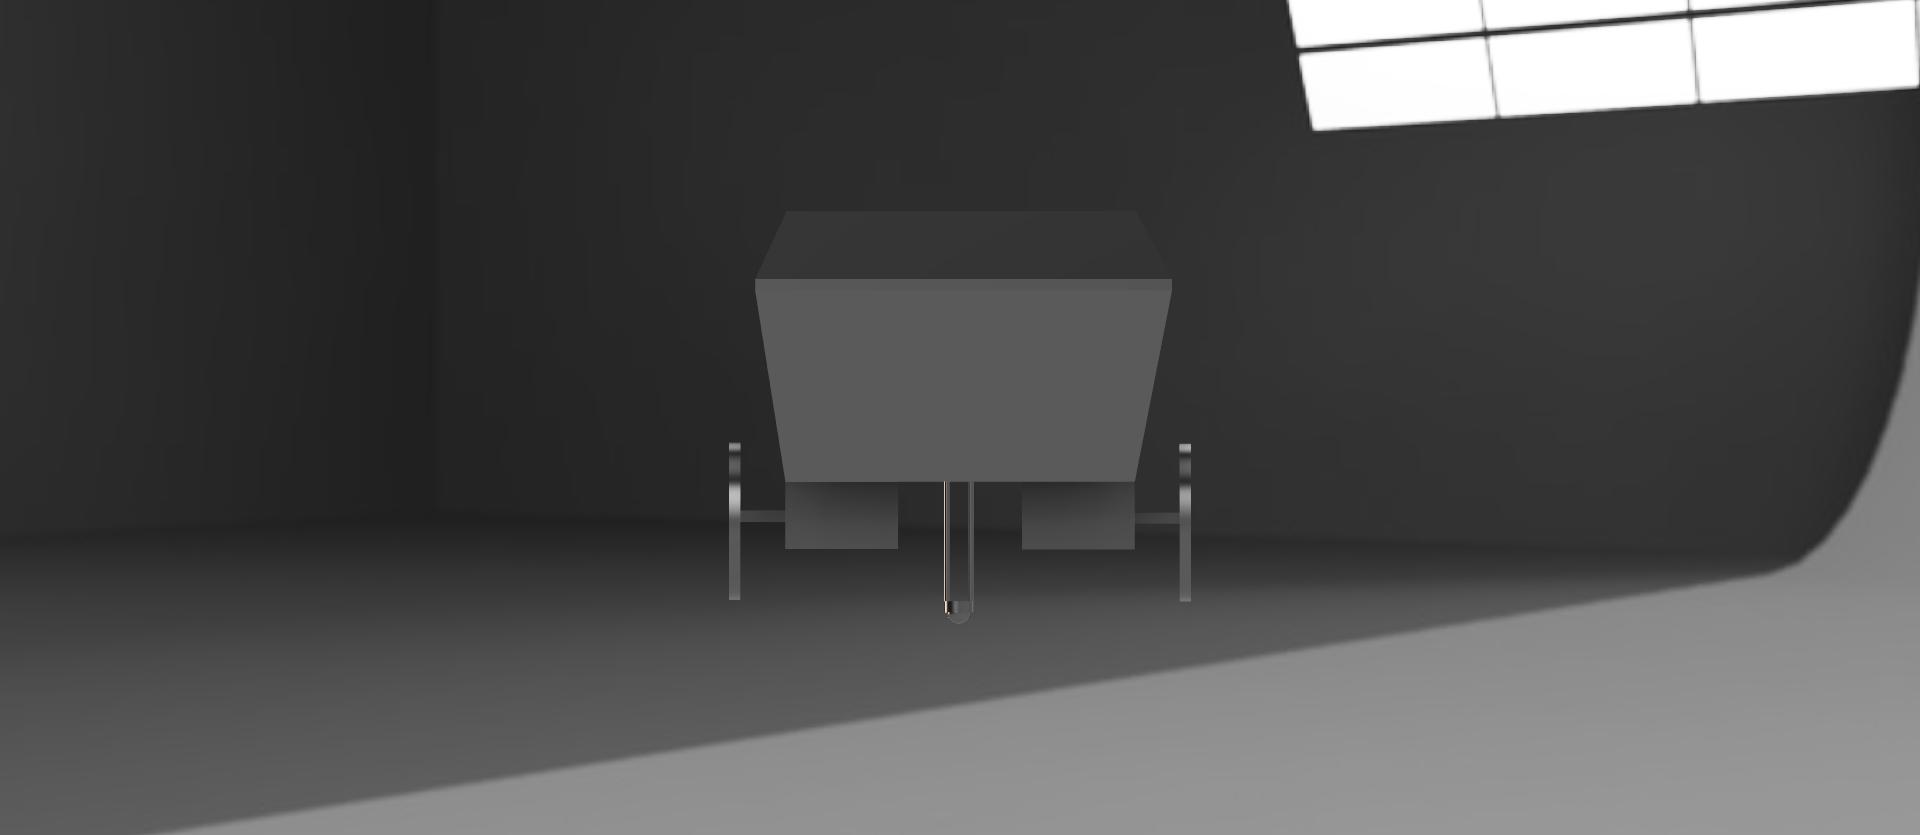 Rendered CAD Model - Back